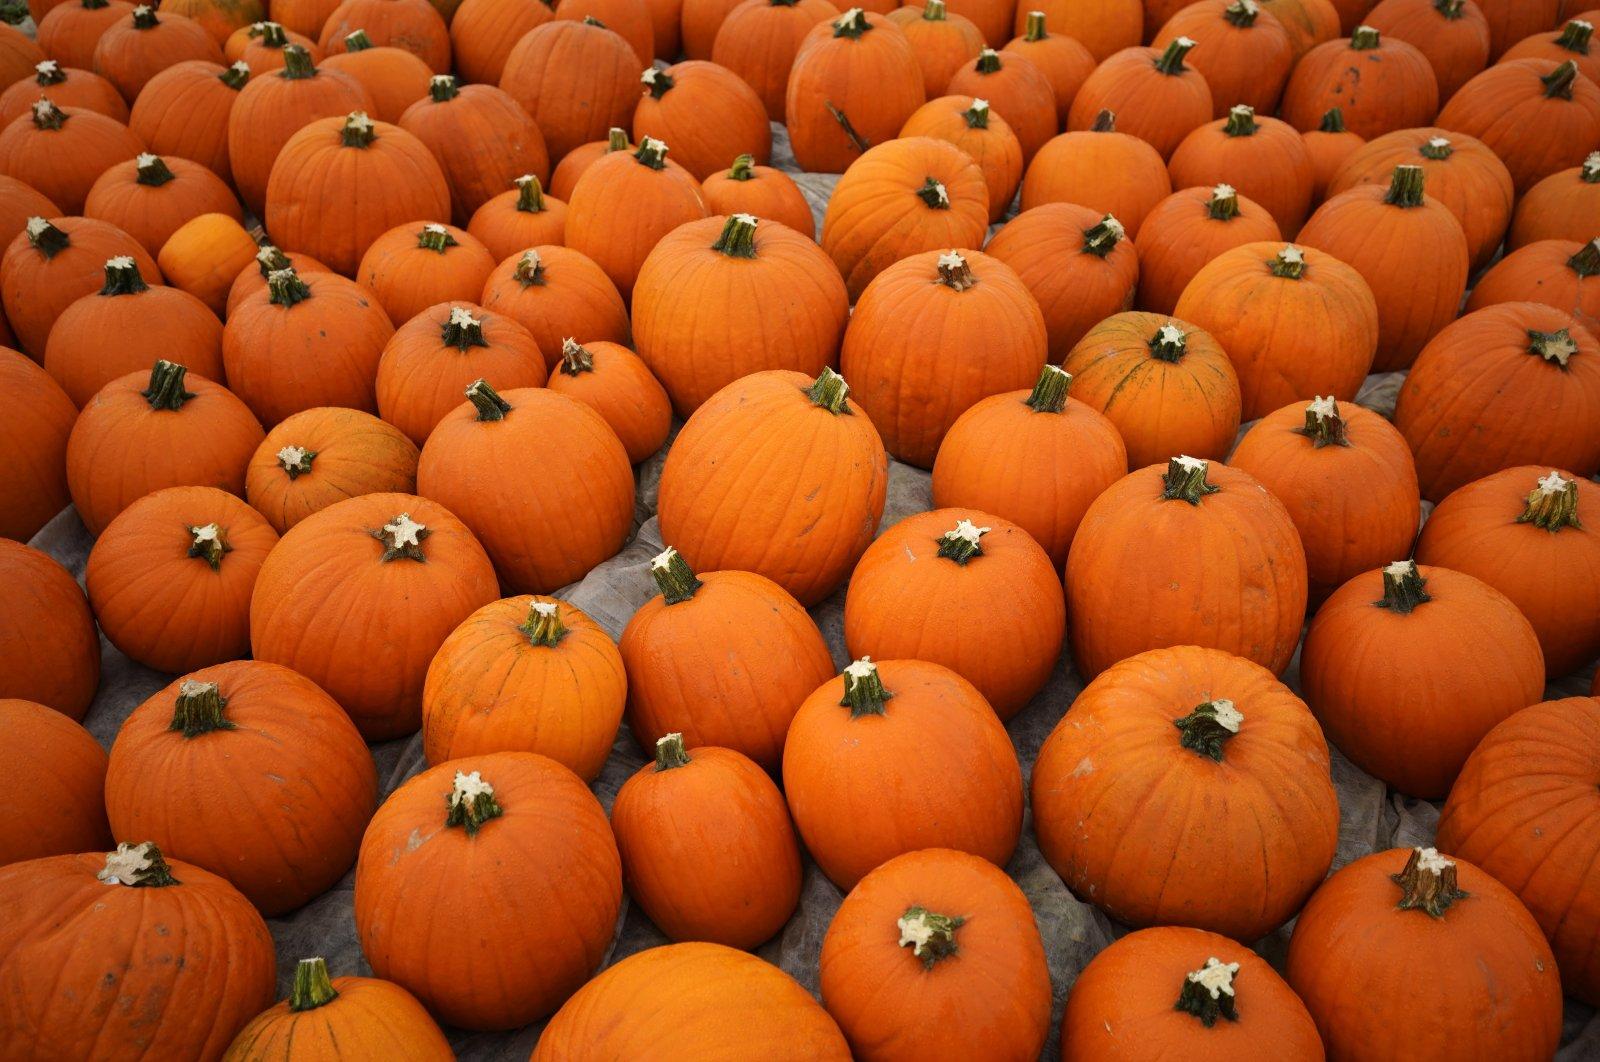 Pumpkins lay on a field near Mutterstadt, Germany, Oct. 14, 2020. (EPA Photo)